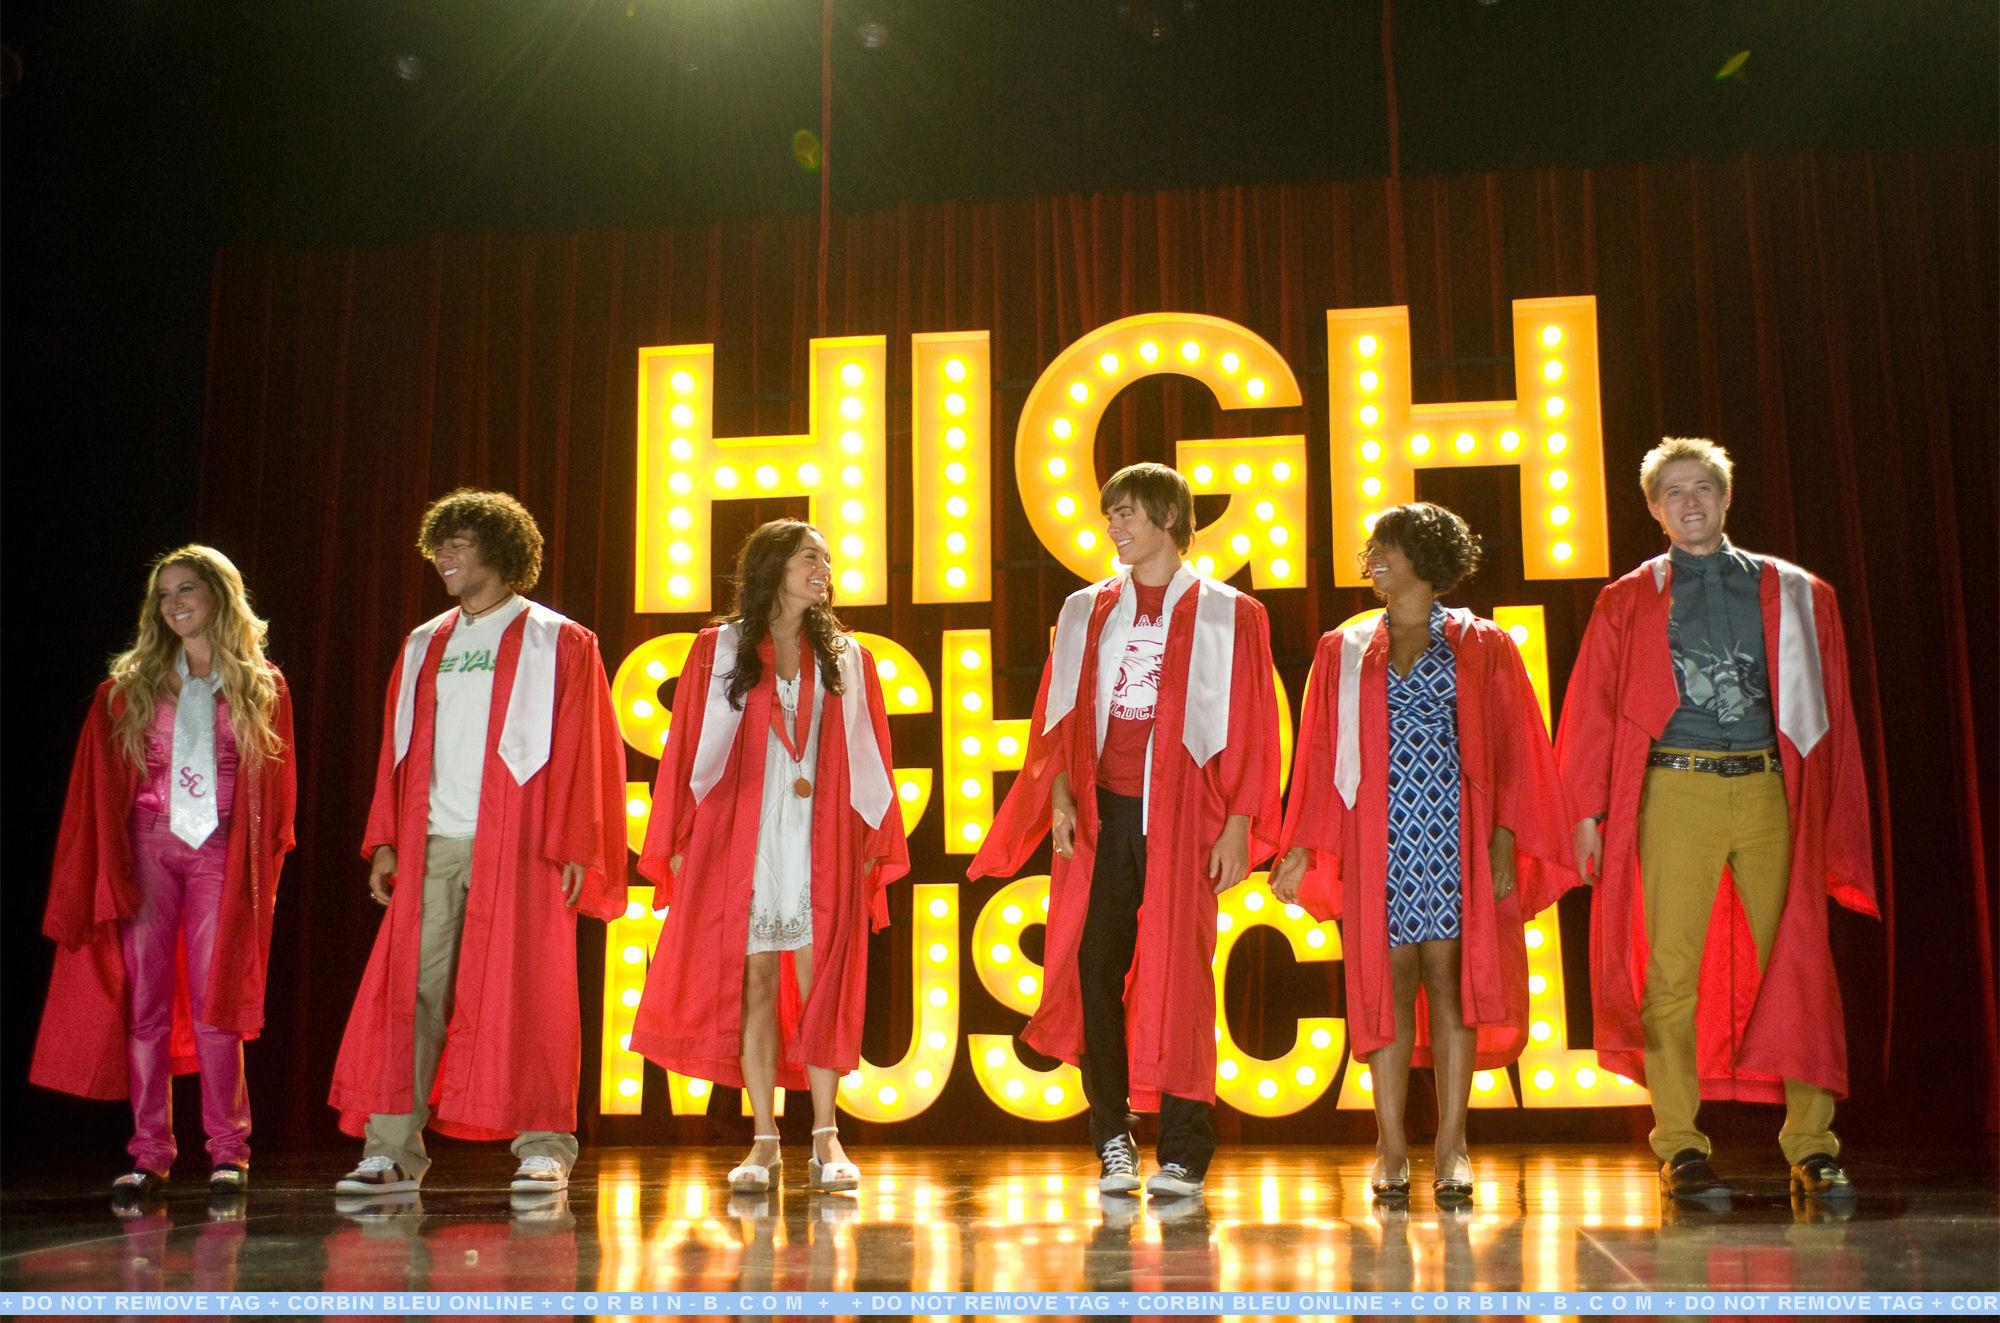 ¡Los linces vuelven al juego! High School Musical 4 está cerca